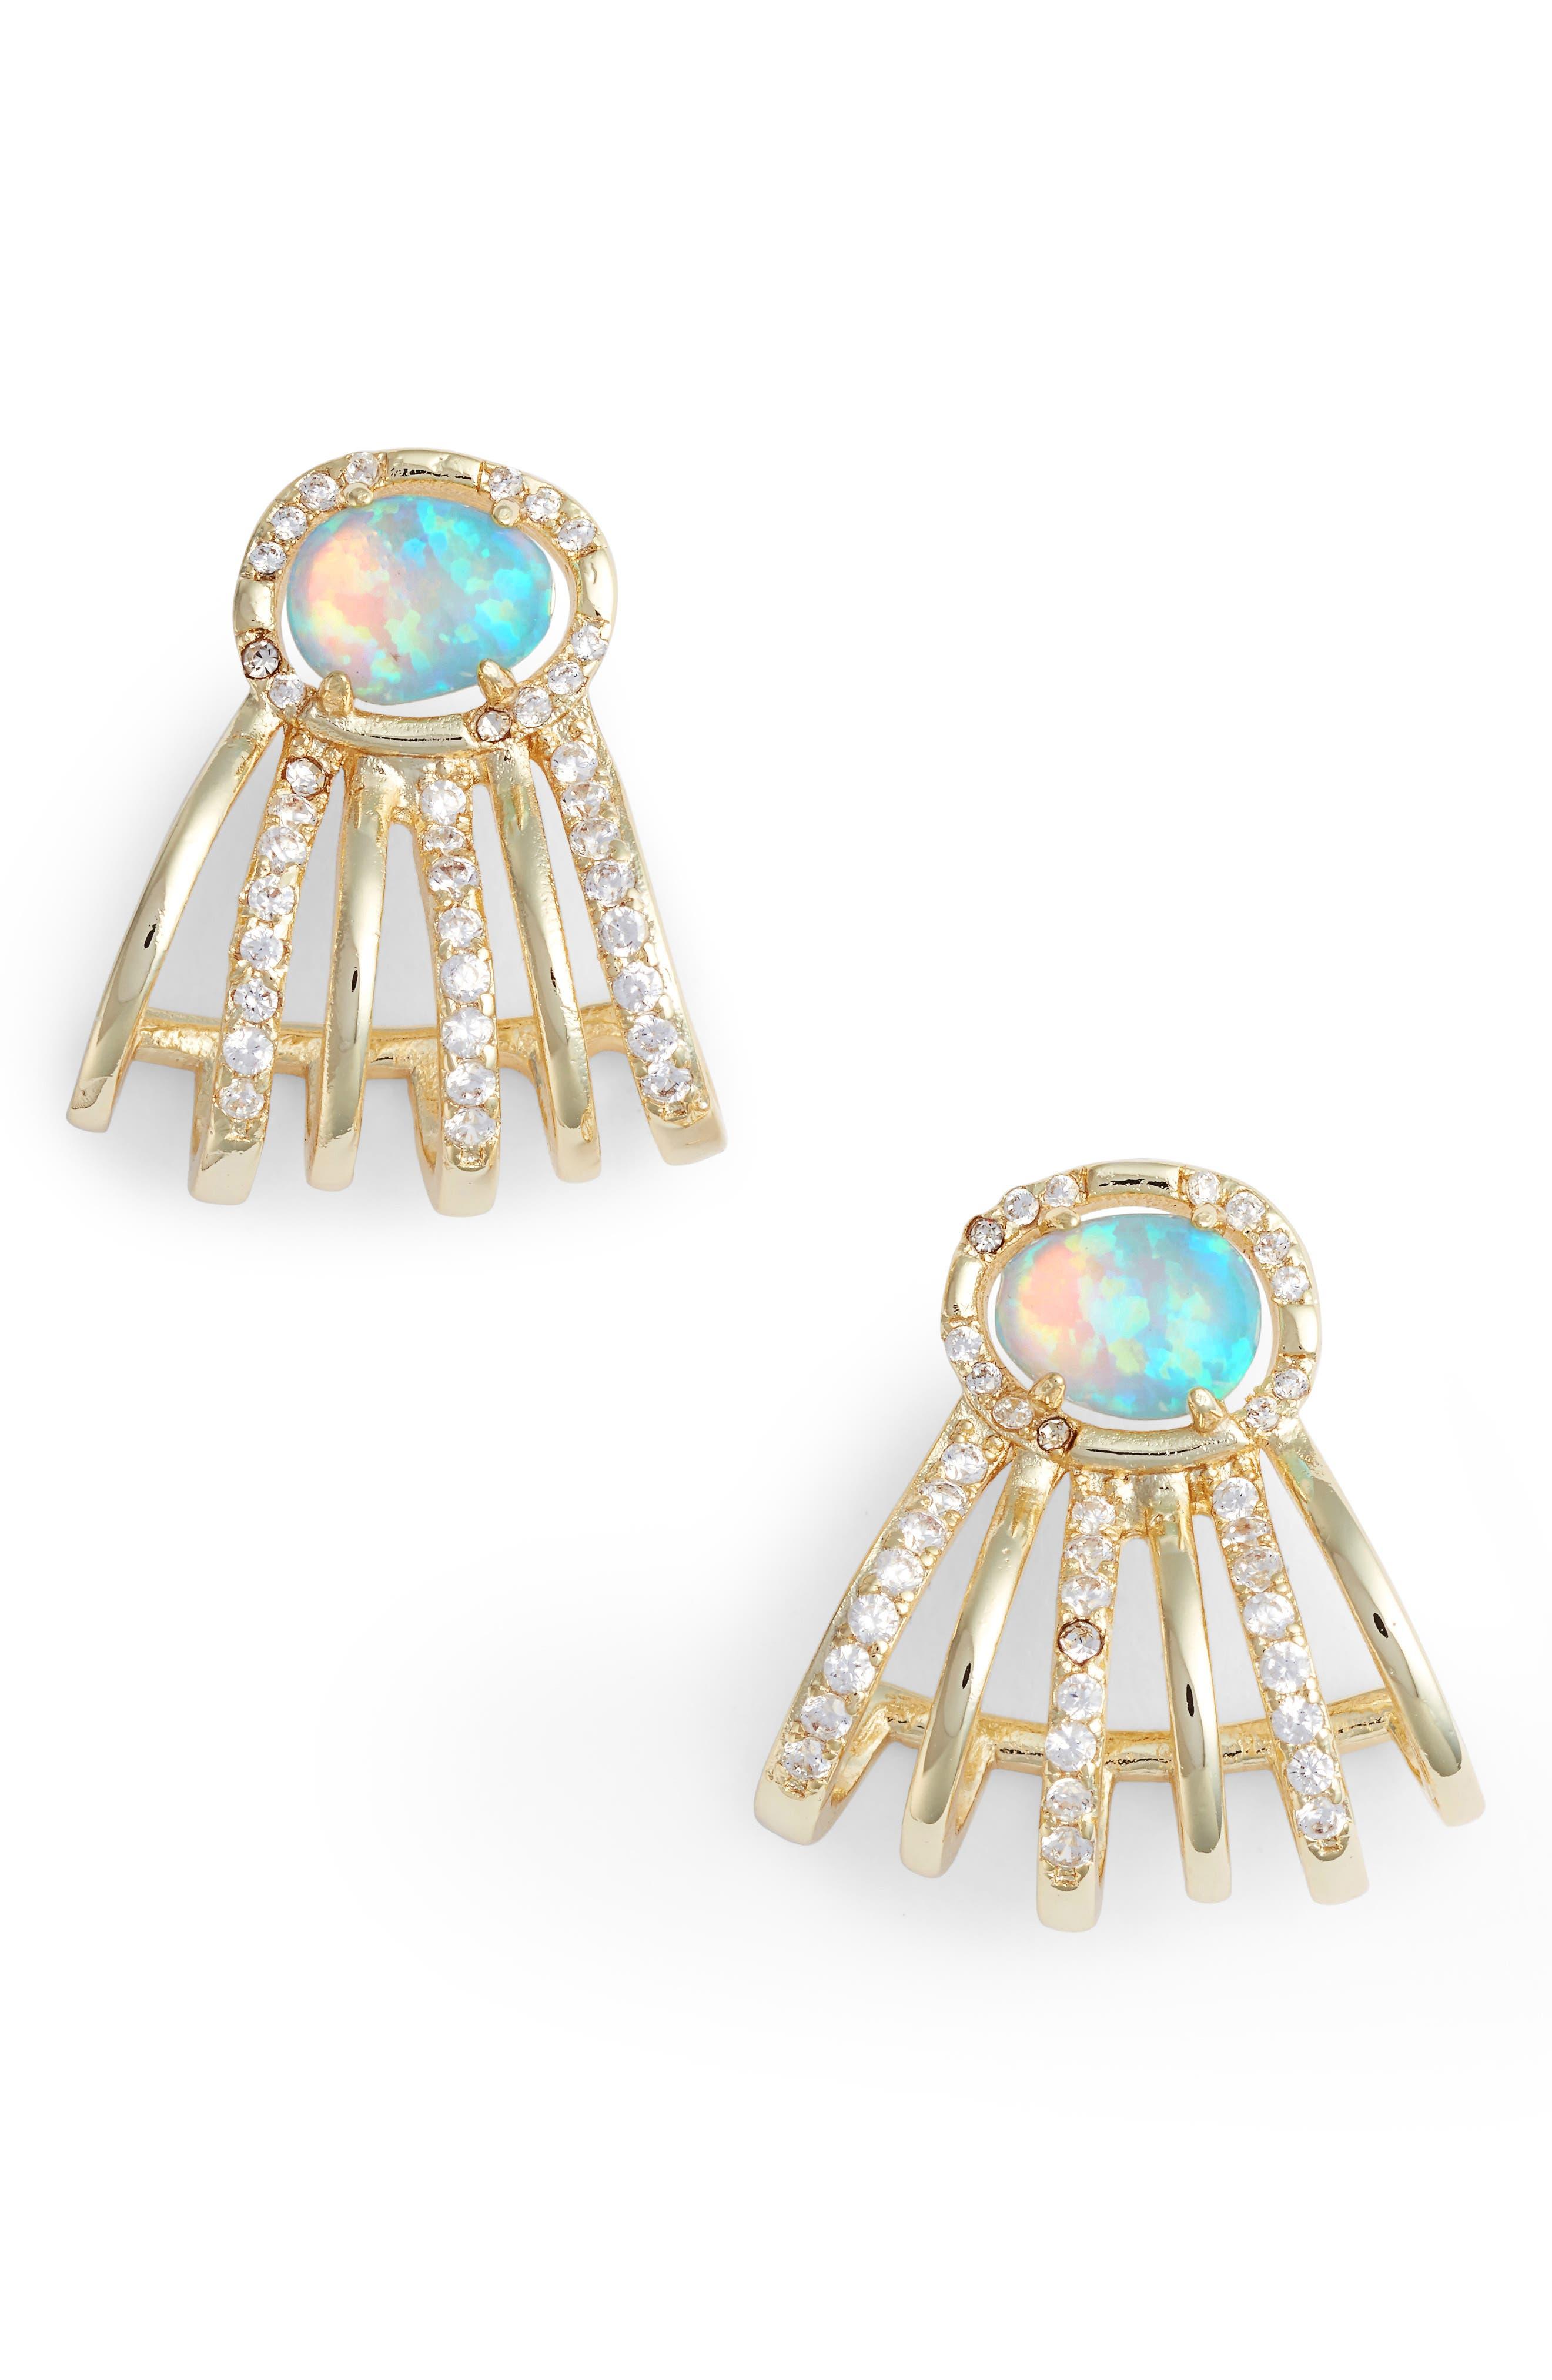 James Opal Earrings,                             Main thumbnail 1, color,                             Opal/ Crystal